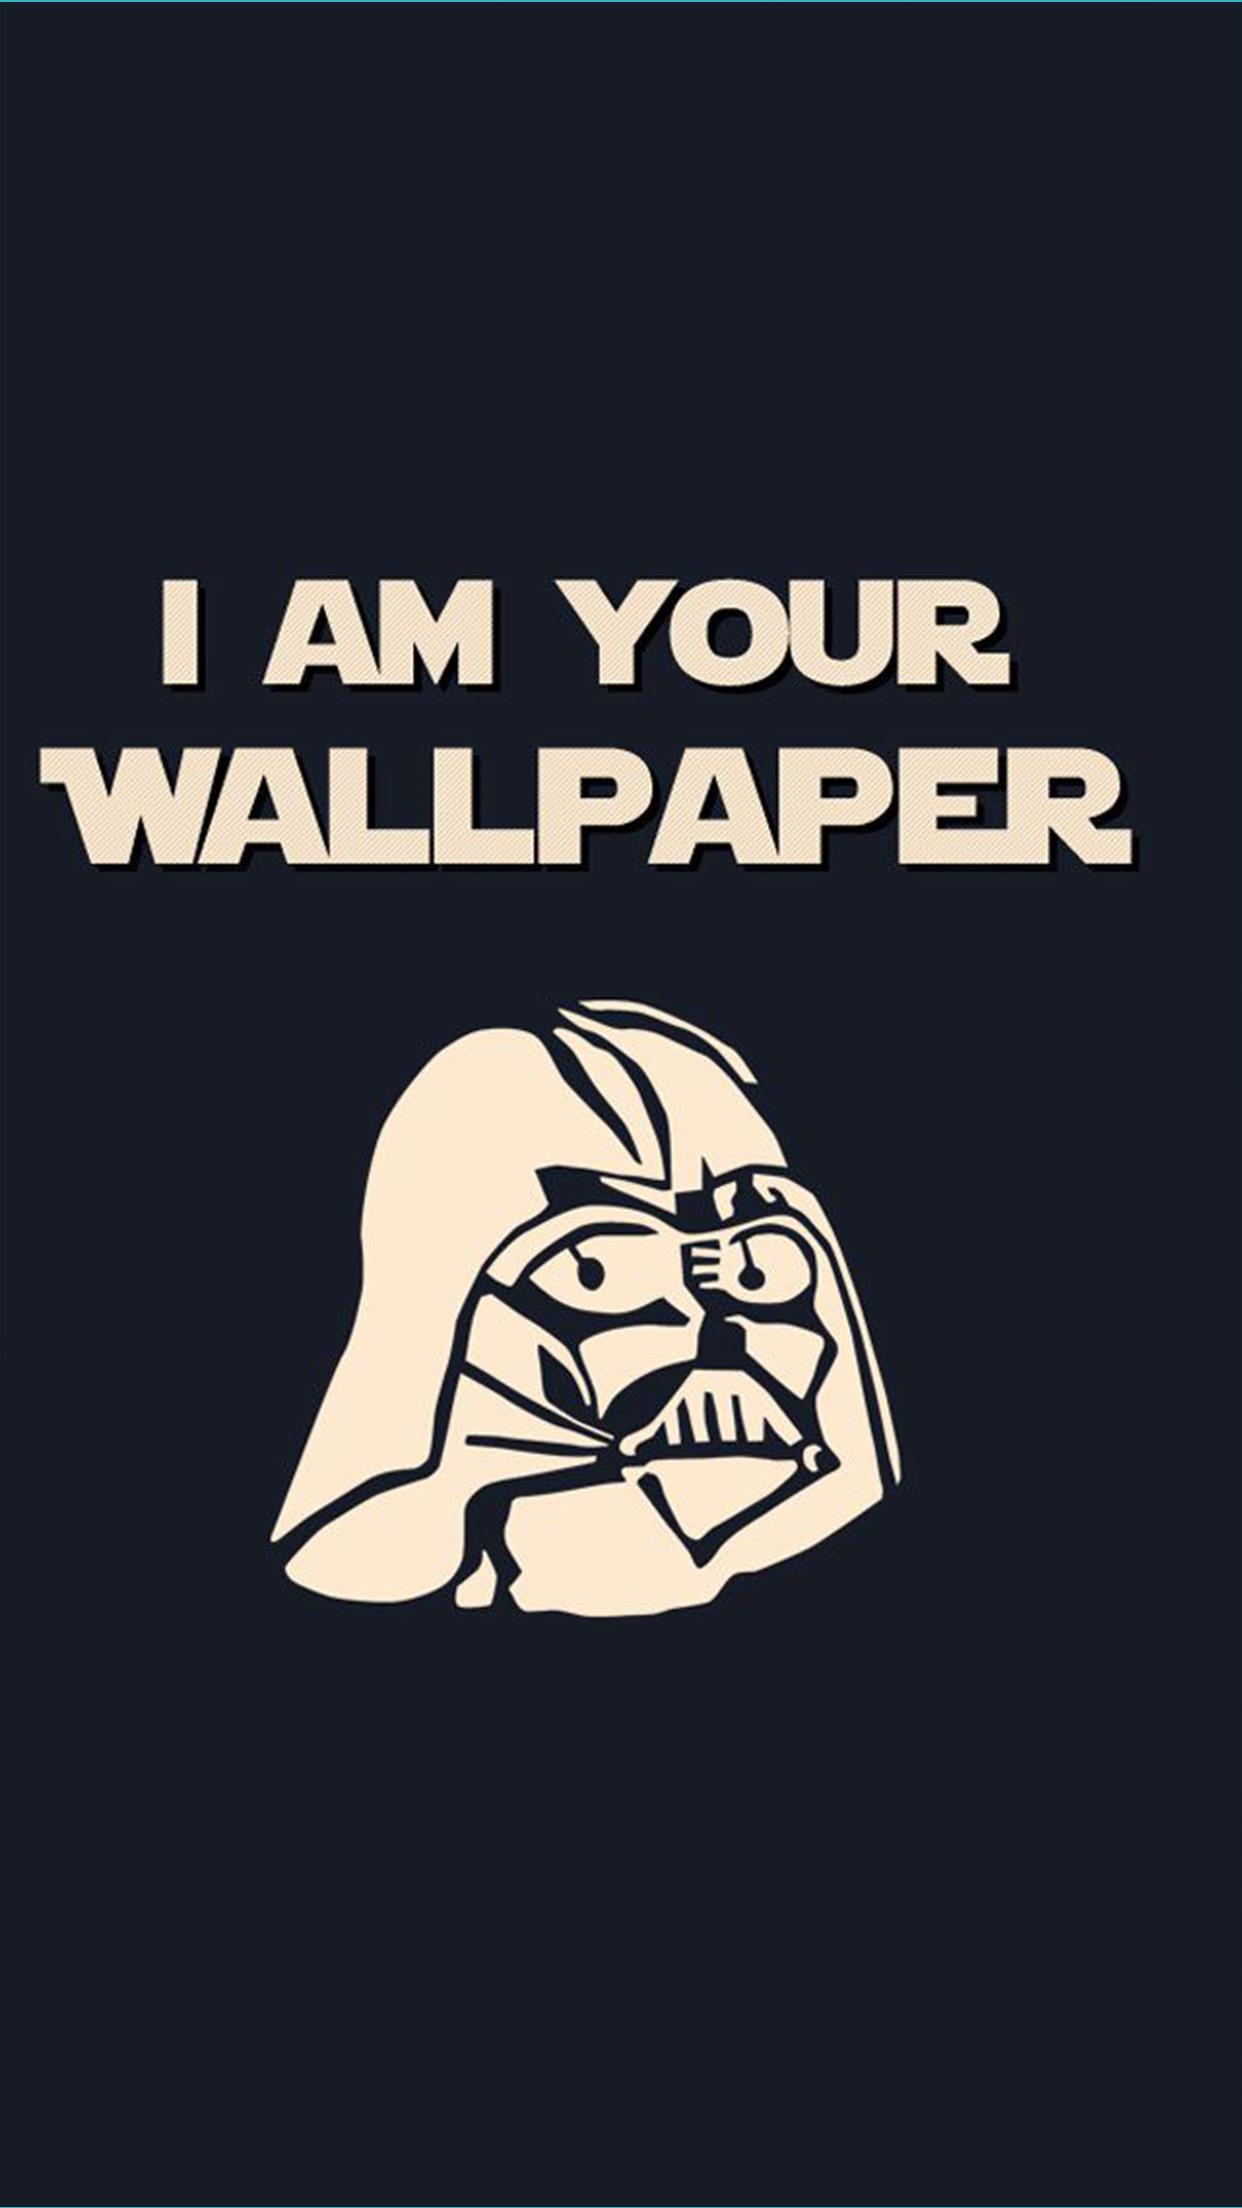 I am your Wallpaper iPhone Wallpaper HD